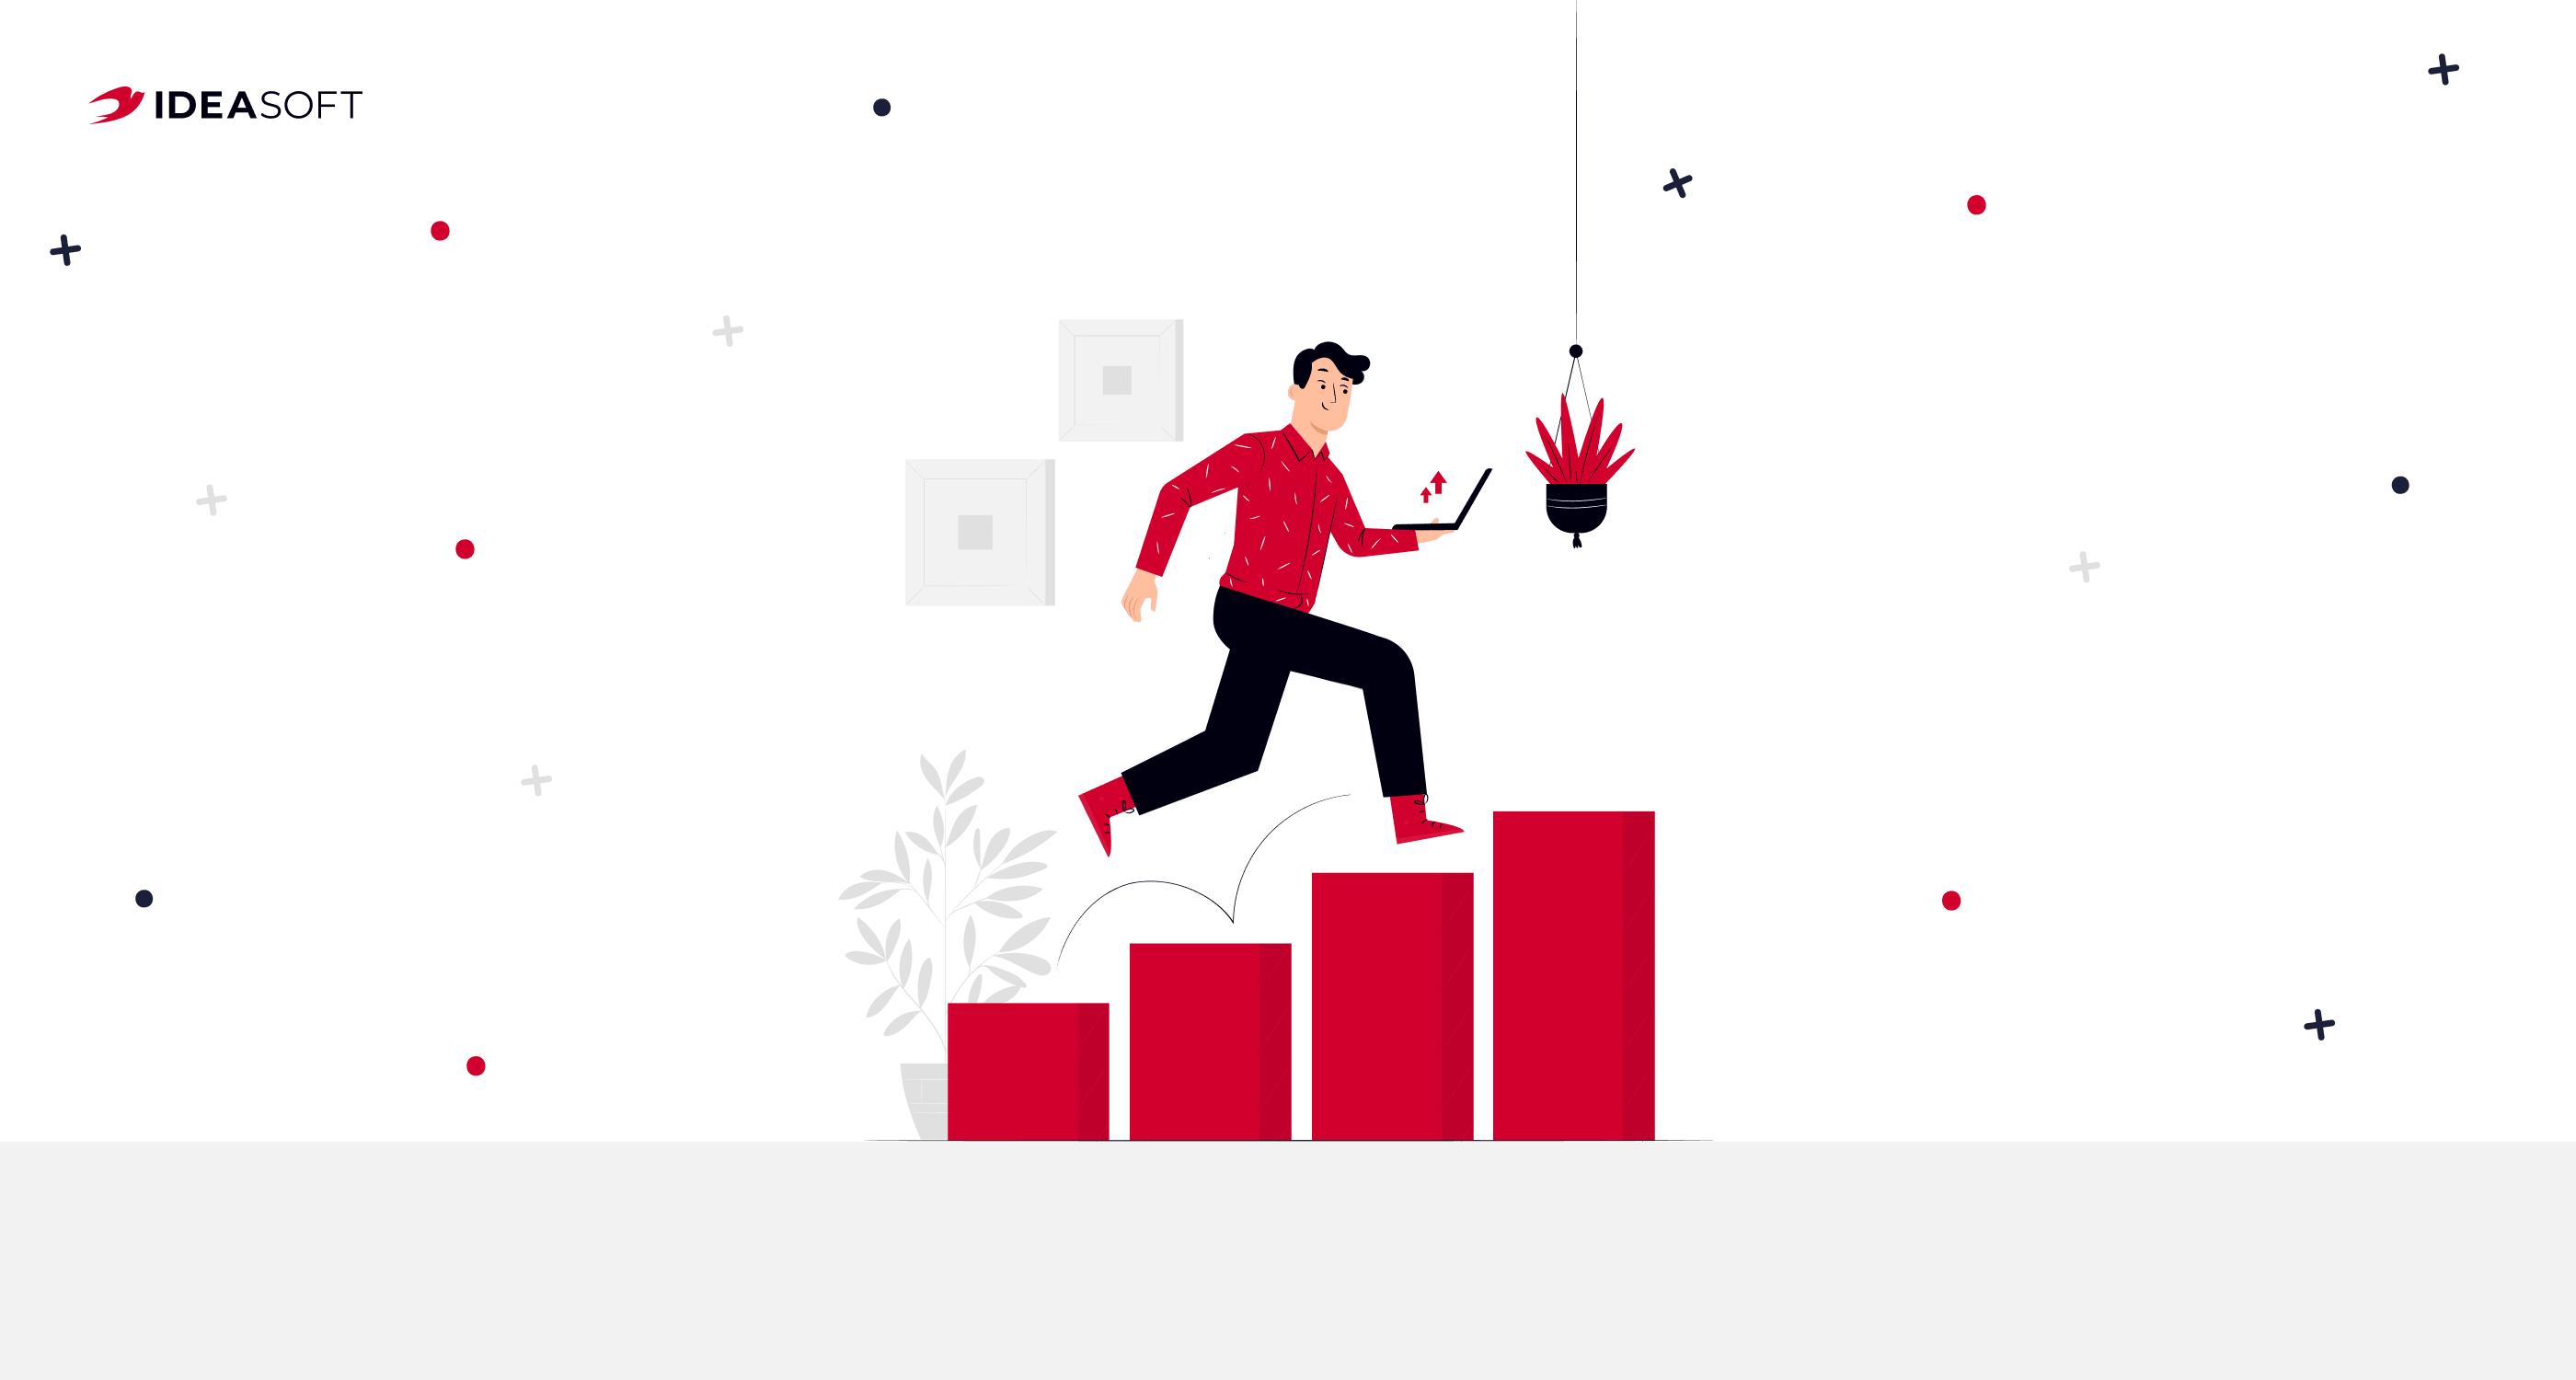 IdeaSoft achievements cover